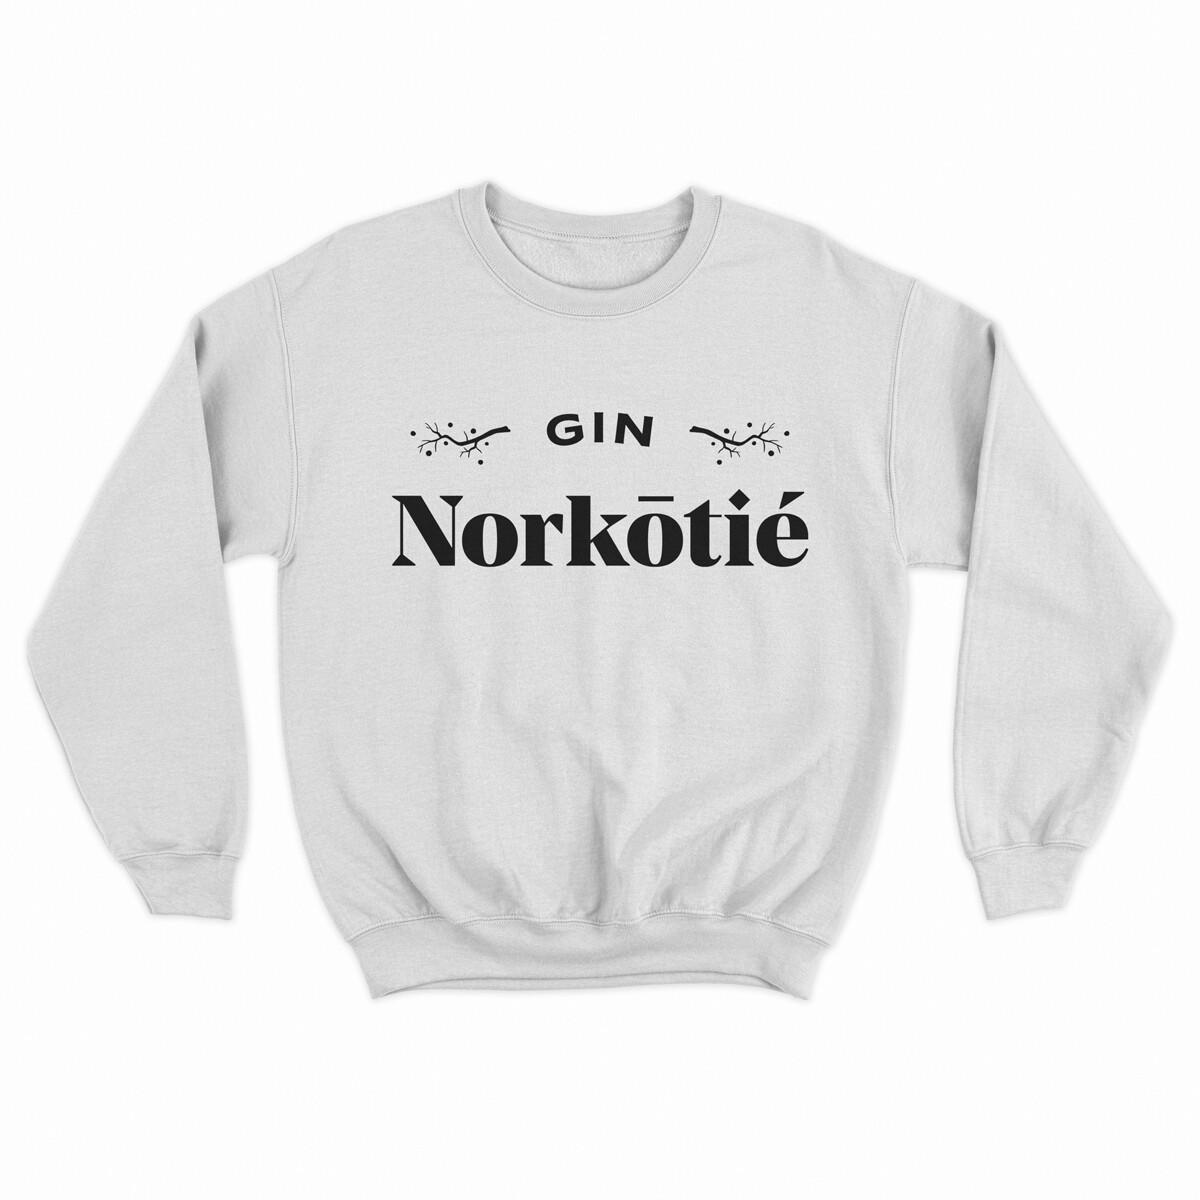 Crewneck Norkōtié